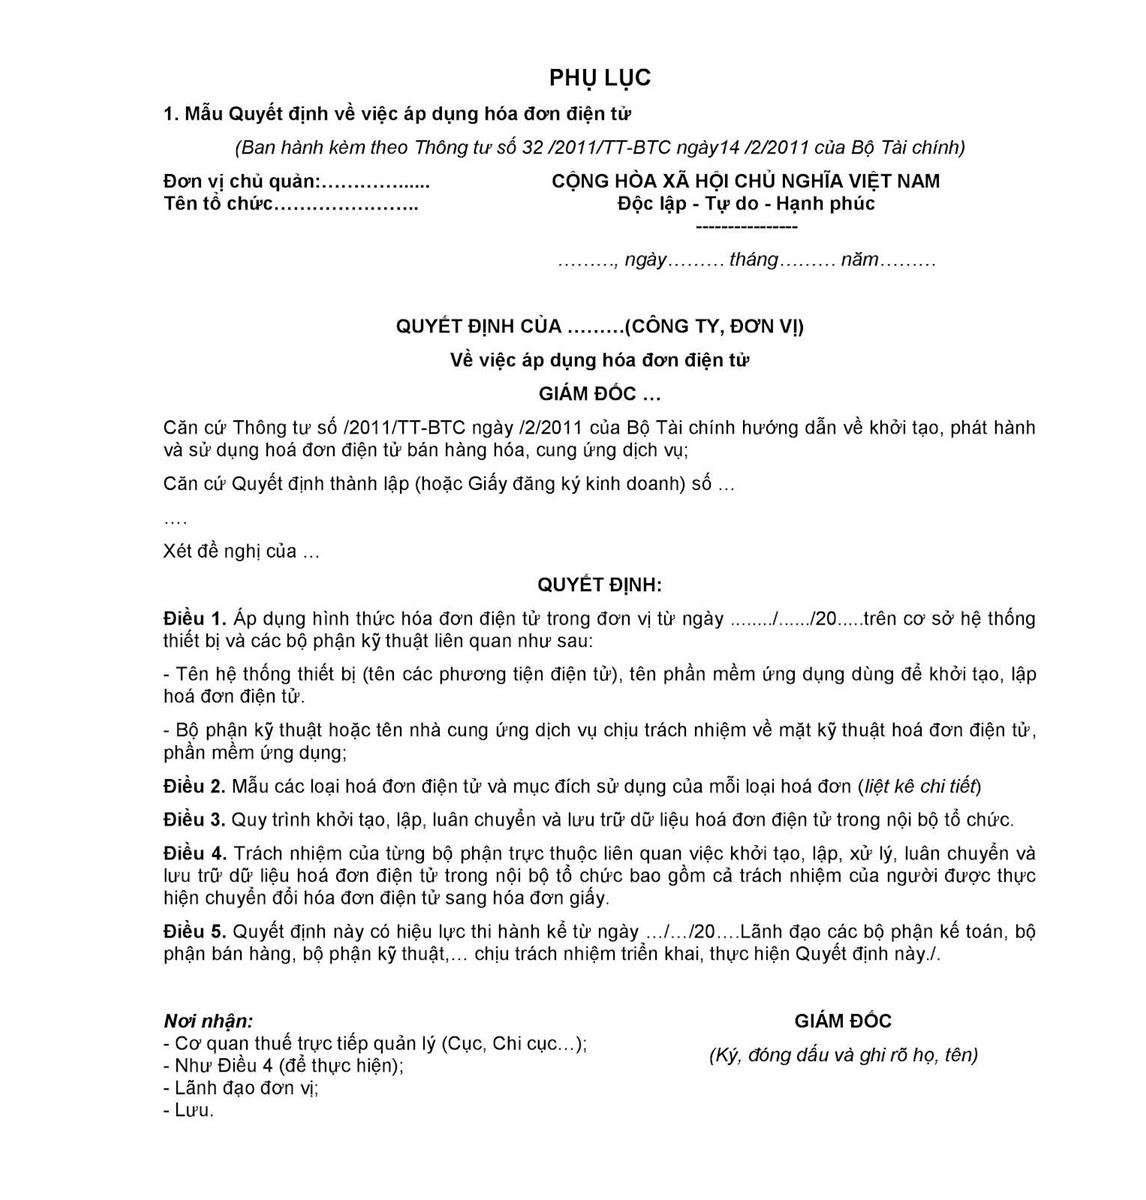 Mẫu 01: Mẫu Quyết định về việc áp dụng hóa đơn điện tử